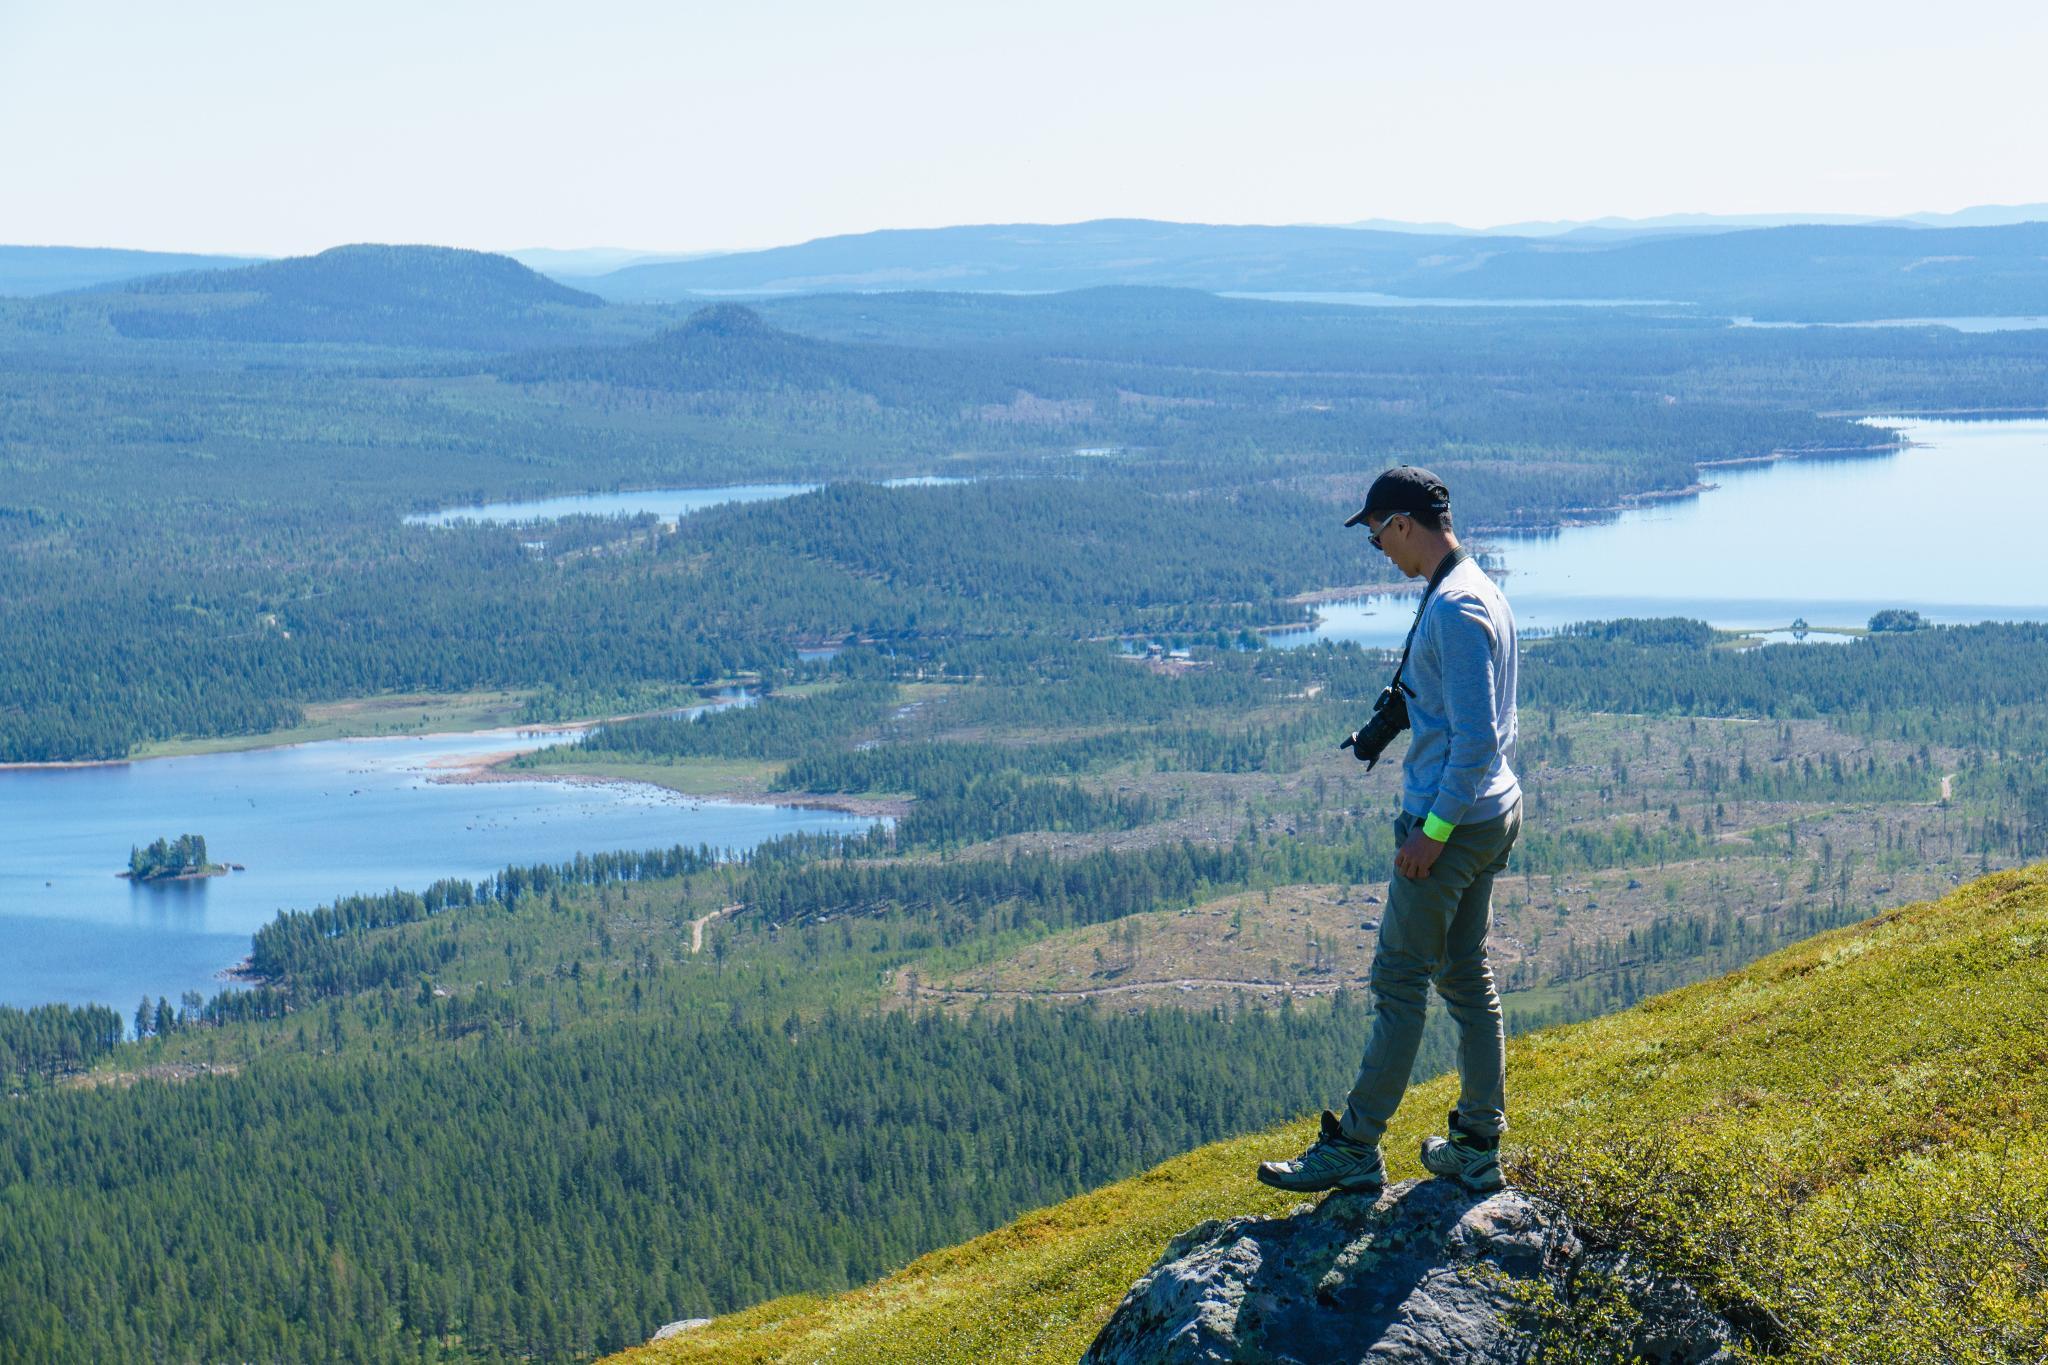 【北歐景點】Arjeplog Galtispuoda:眺望無盡延綿的瑞典極圈荒原 33